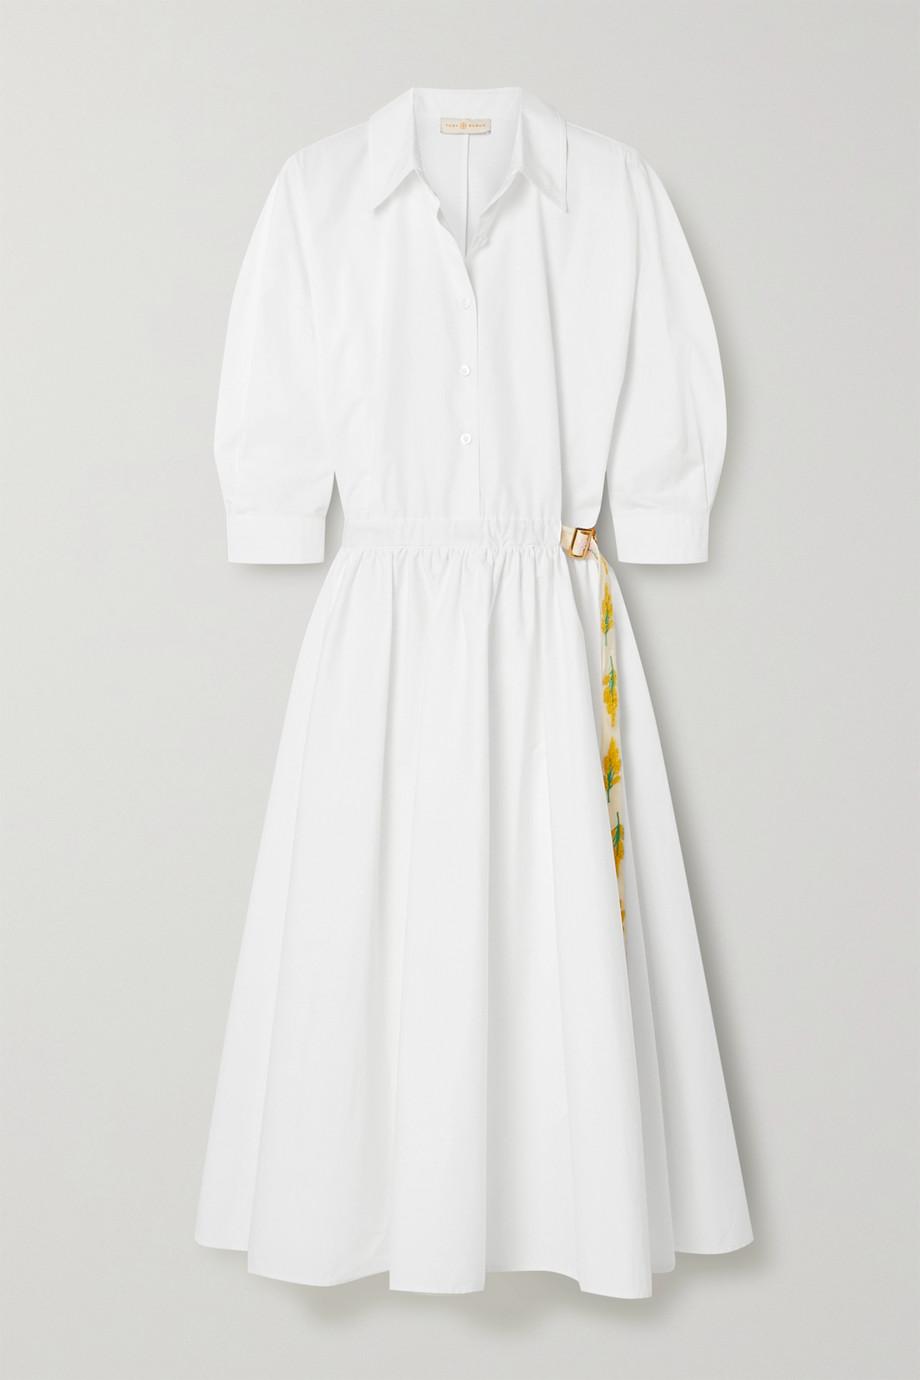 Tory Burch Hemdblusenkleid aus Baumwollpopeline mit Ripsbandbesatz und Gürtel